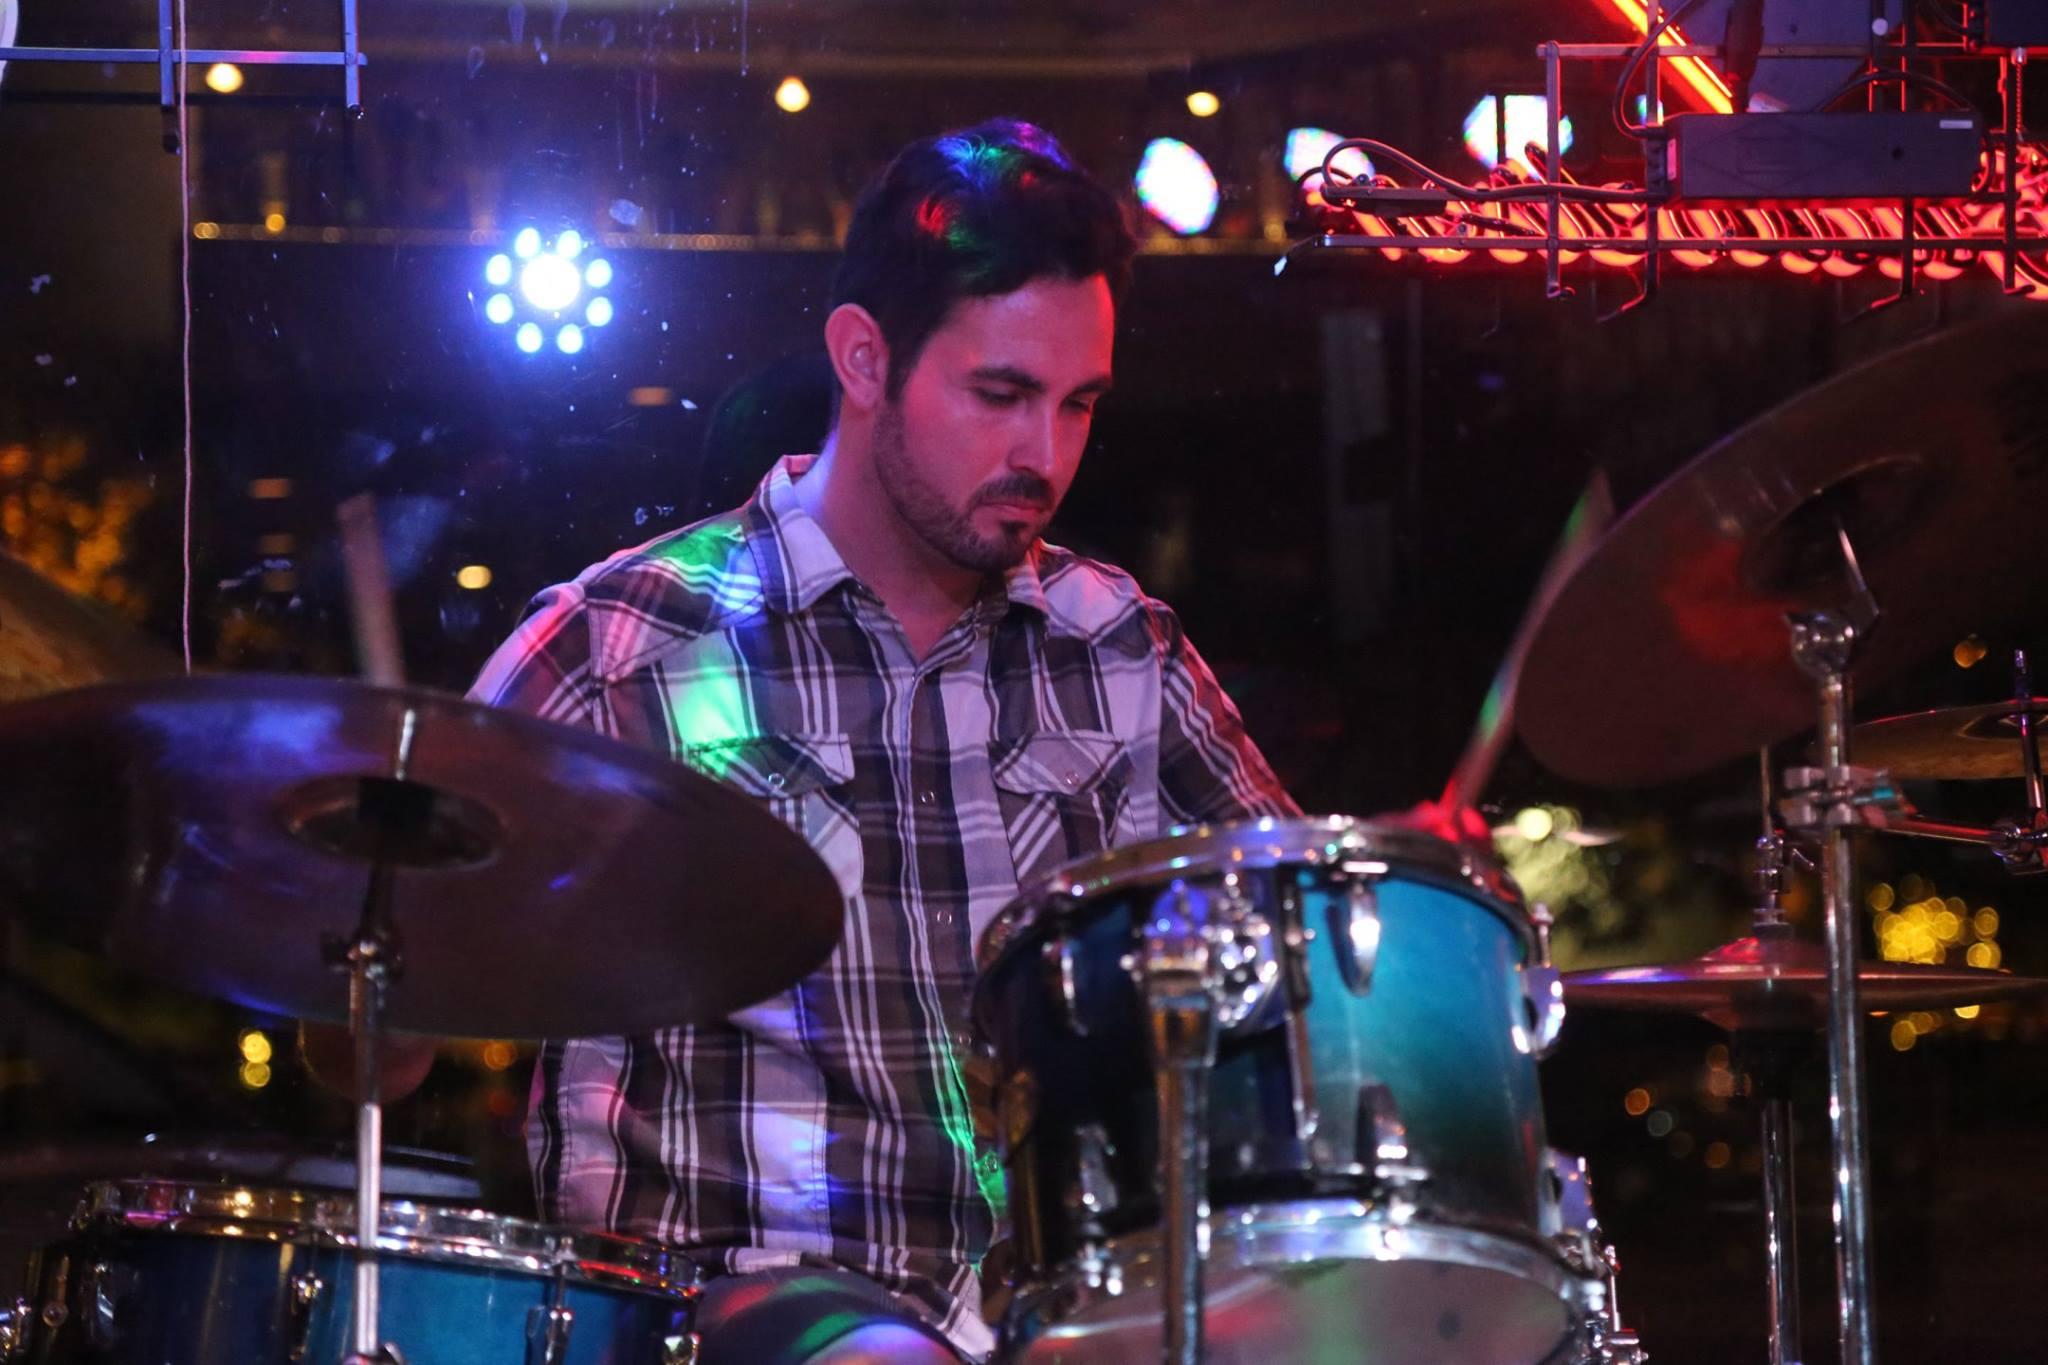 Jared Obregon